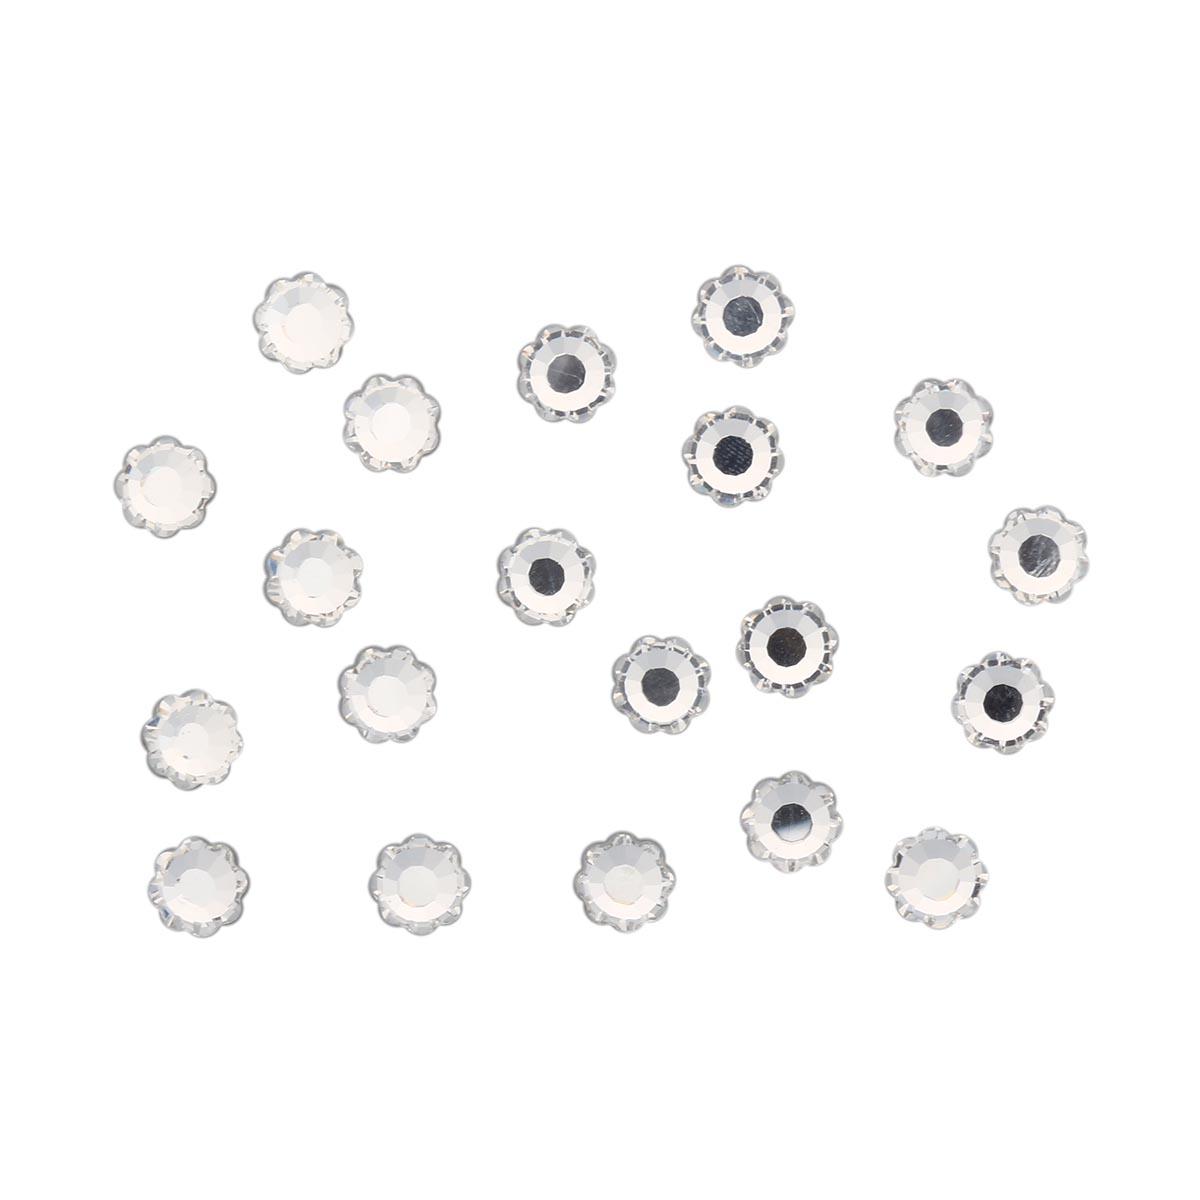 438-02-302 Стразы термоклеевые Цветок Crystal SS34 20 шт. Preciosa